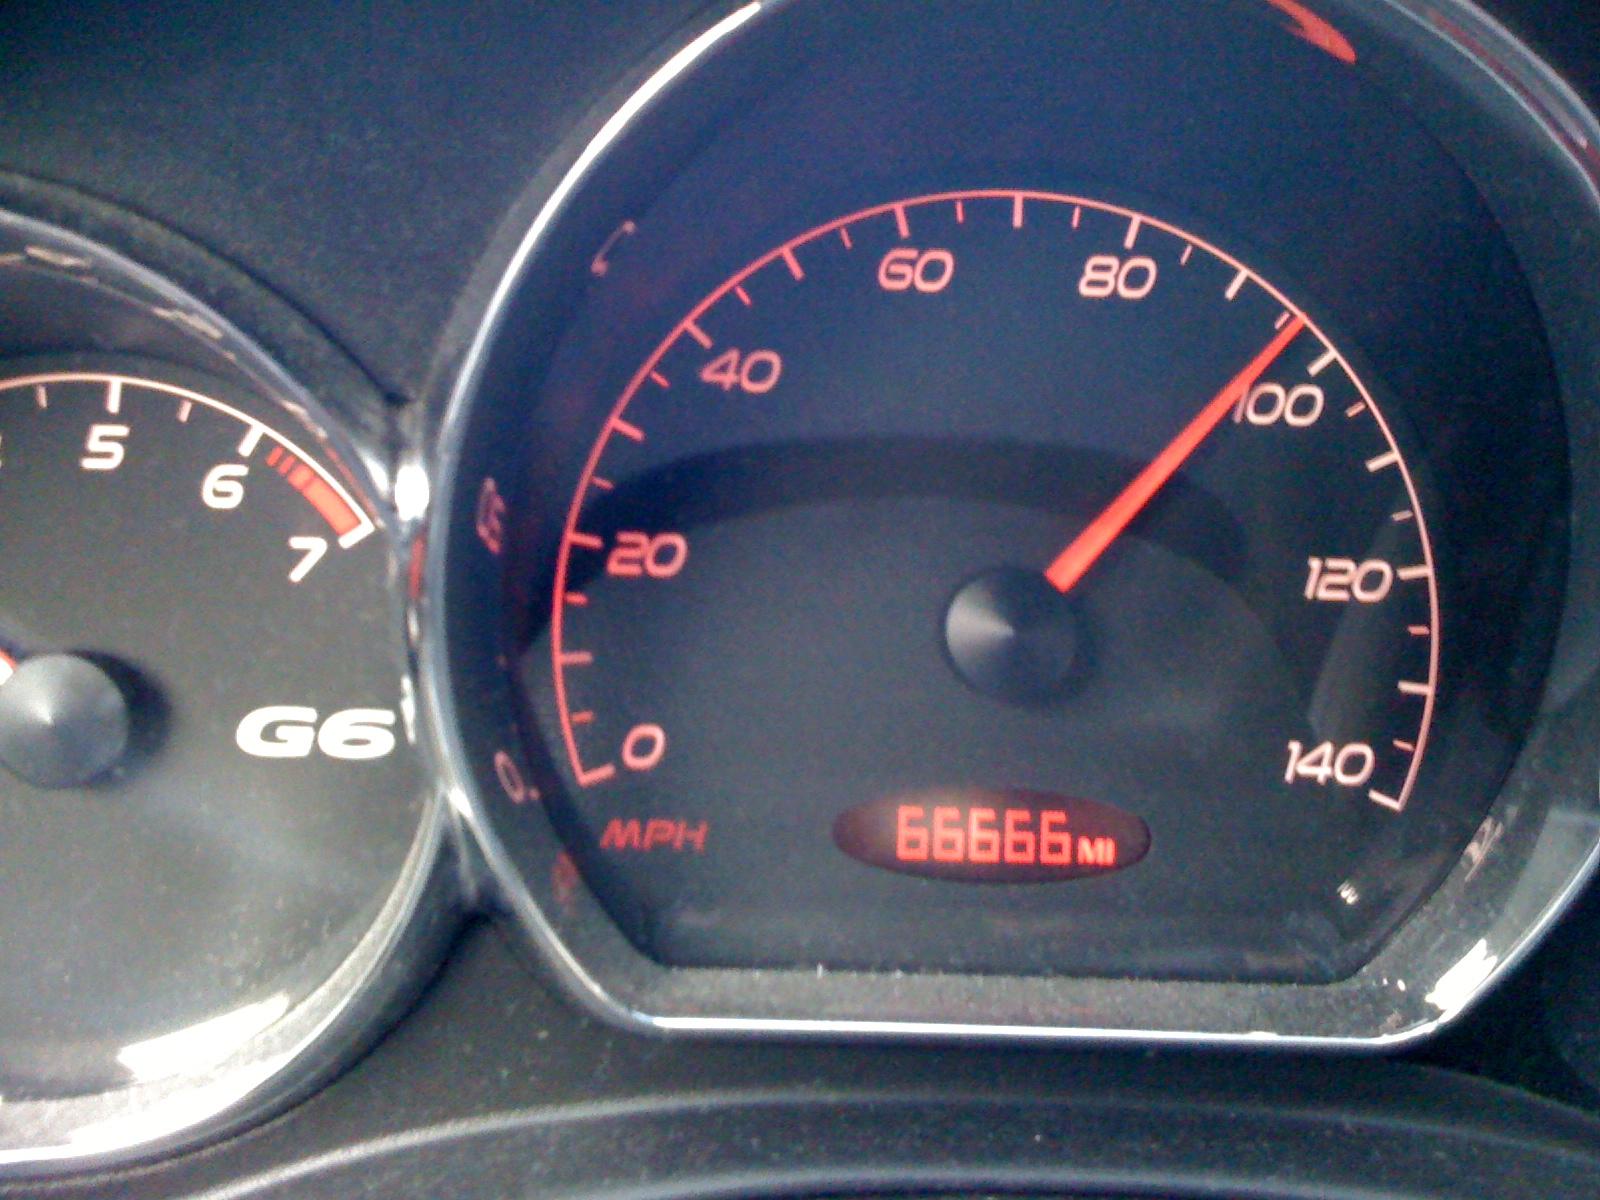 66666 miles